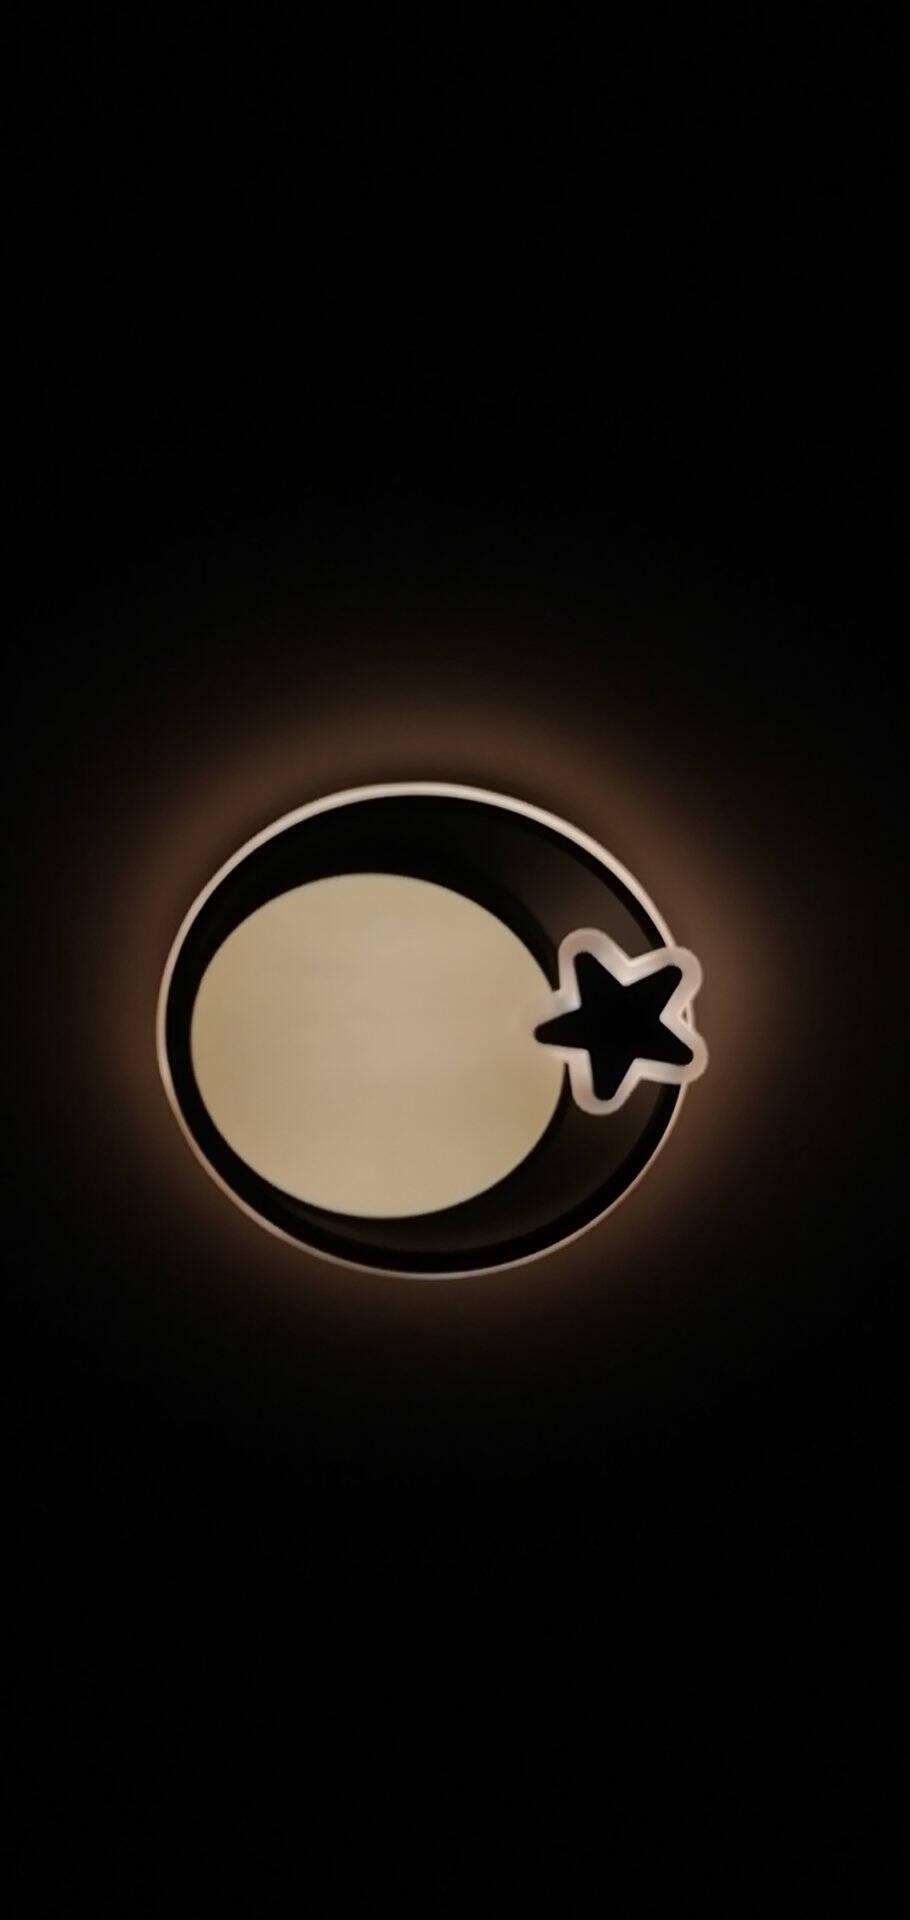 环森LED吸顶灯圆形现代北欧温馨卧室灯书房灯阳台灯客厅餐厅灯卧室房间灯具灯饰组合H072款直径40cm/40w三色调光